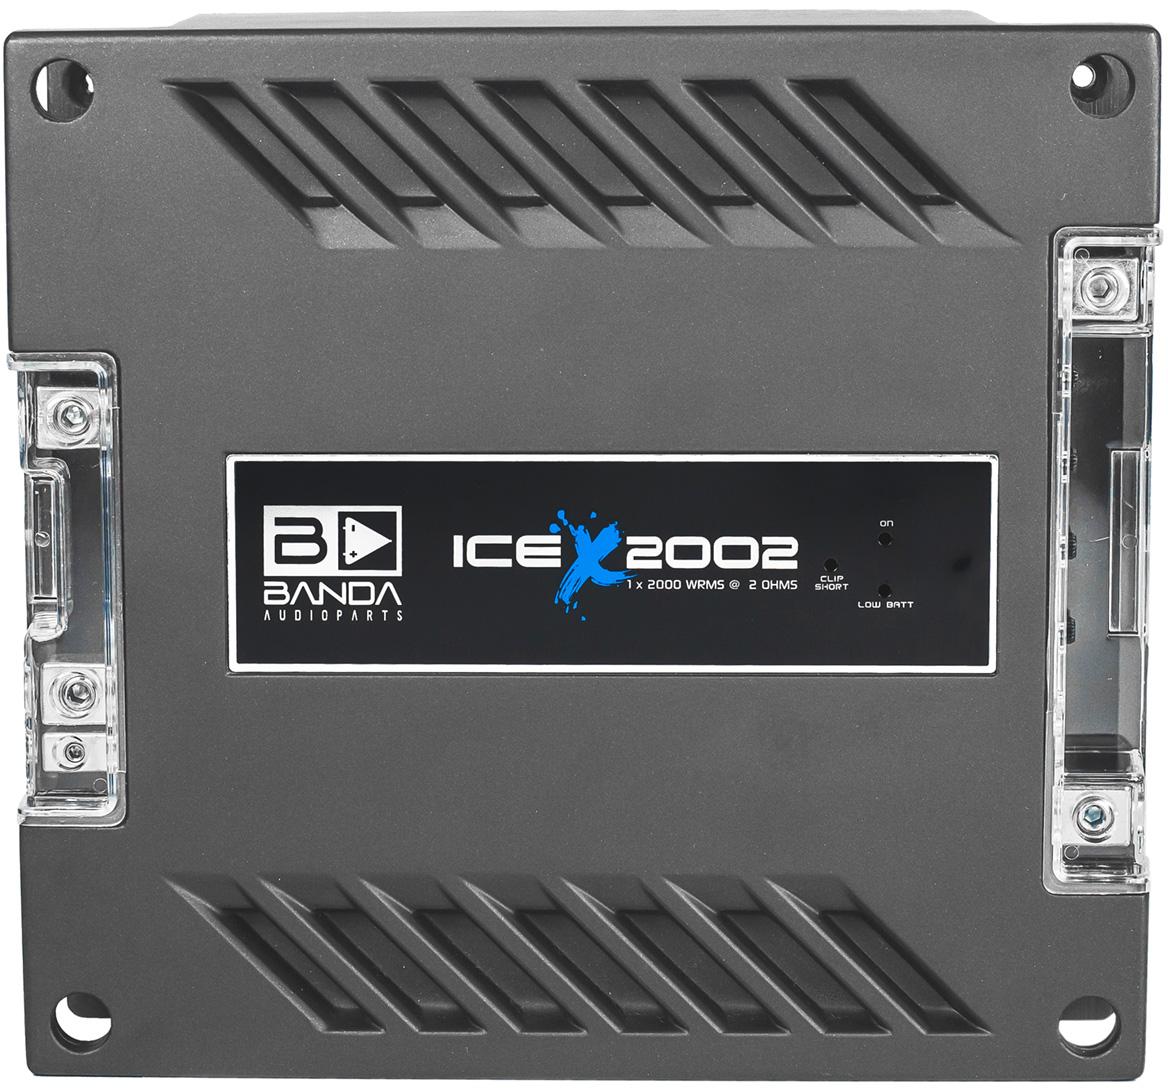 ice-x-2002-frente-19-1 ICE X 2002